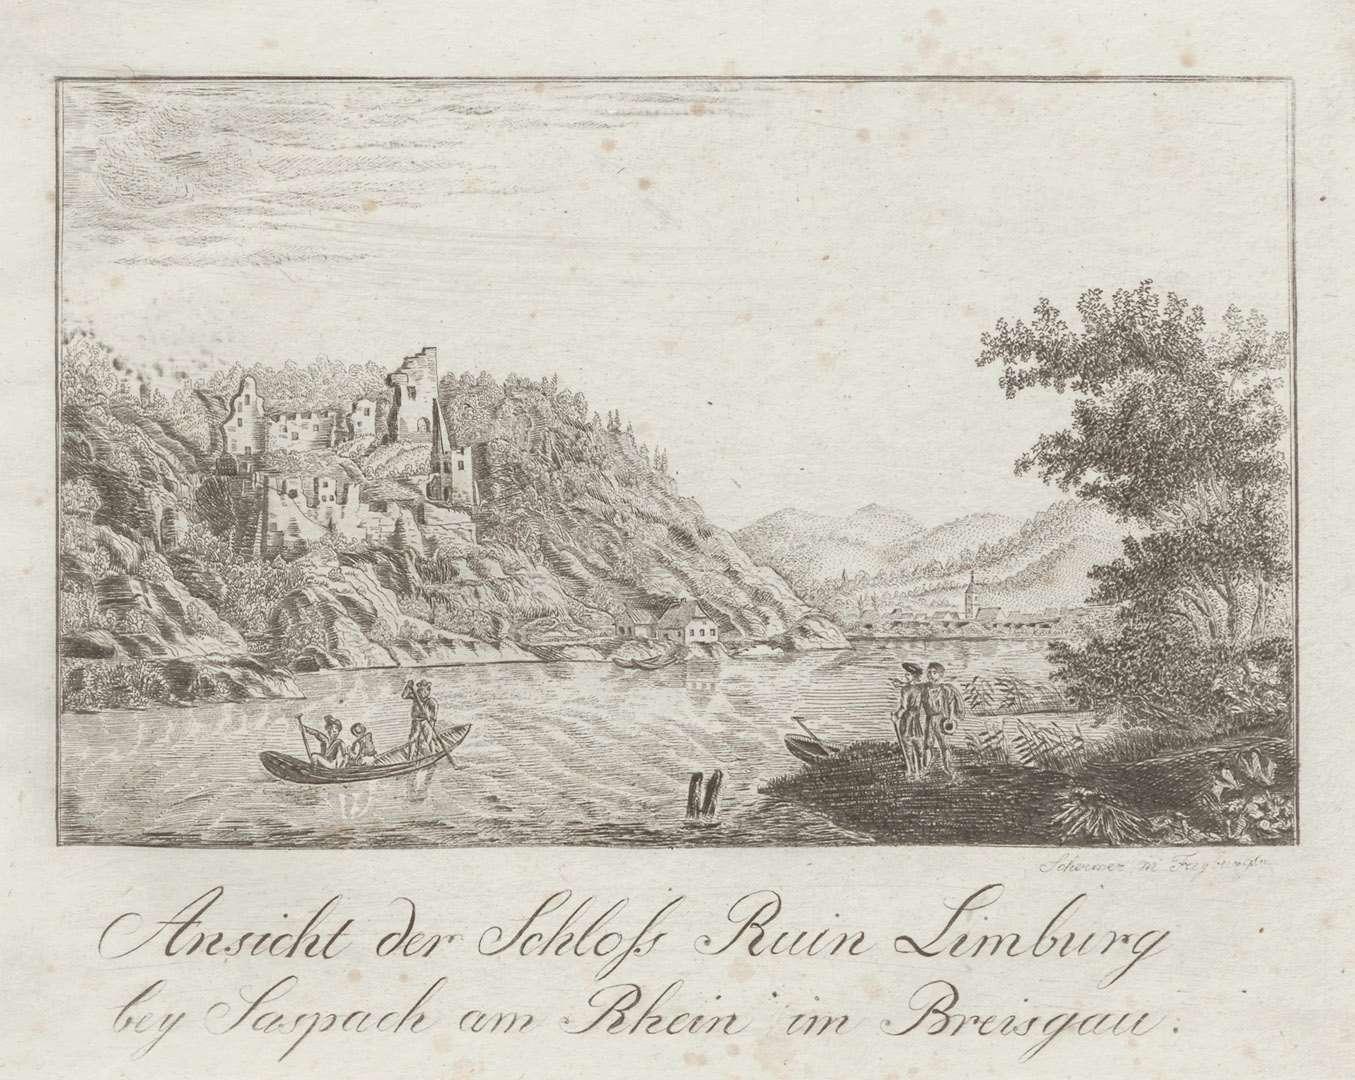 Ansicht der Schloss Ruin Limburg bey Saspach am Rhein im Breisgau, Bild 1